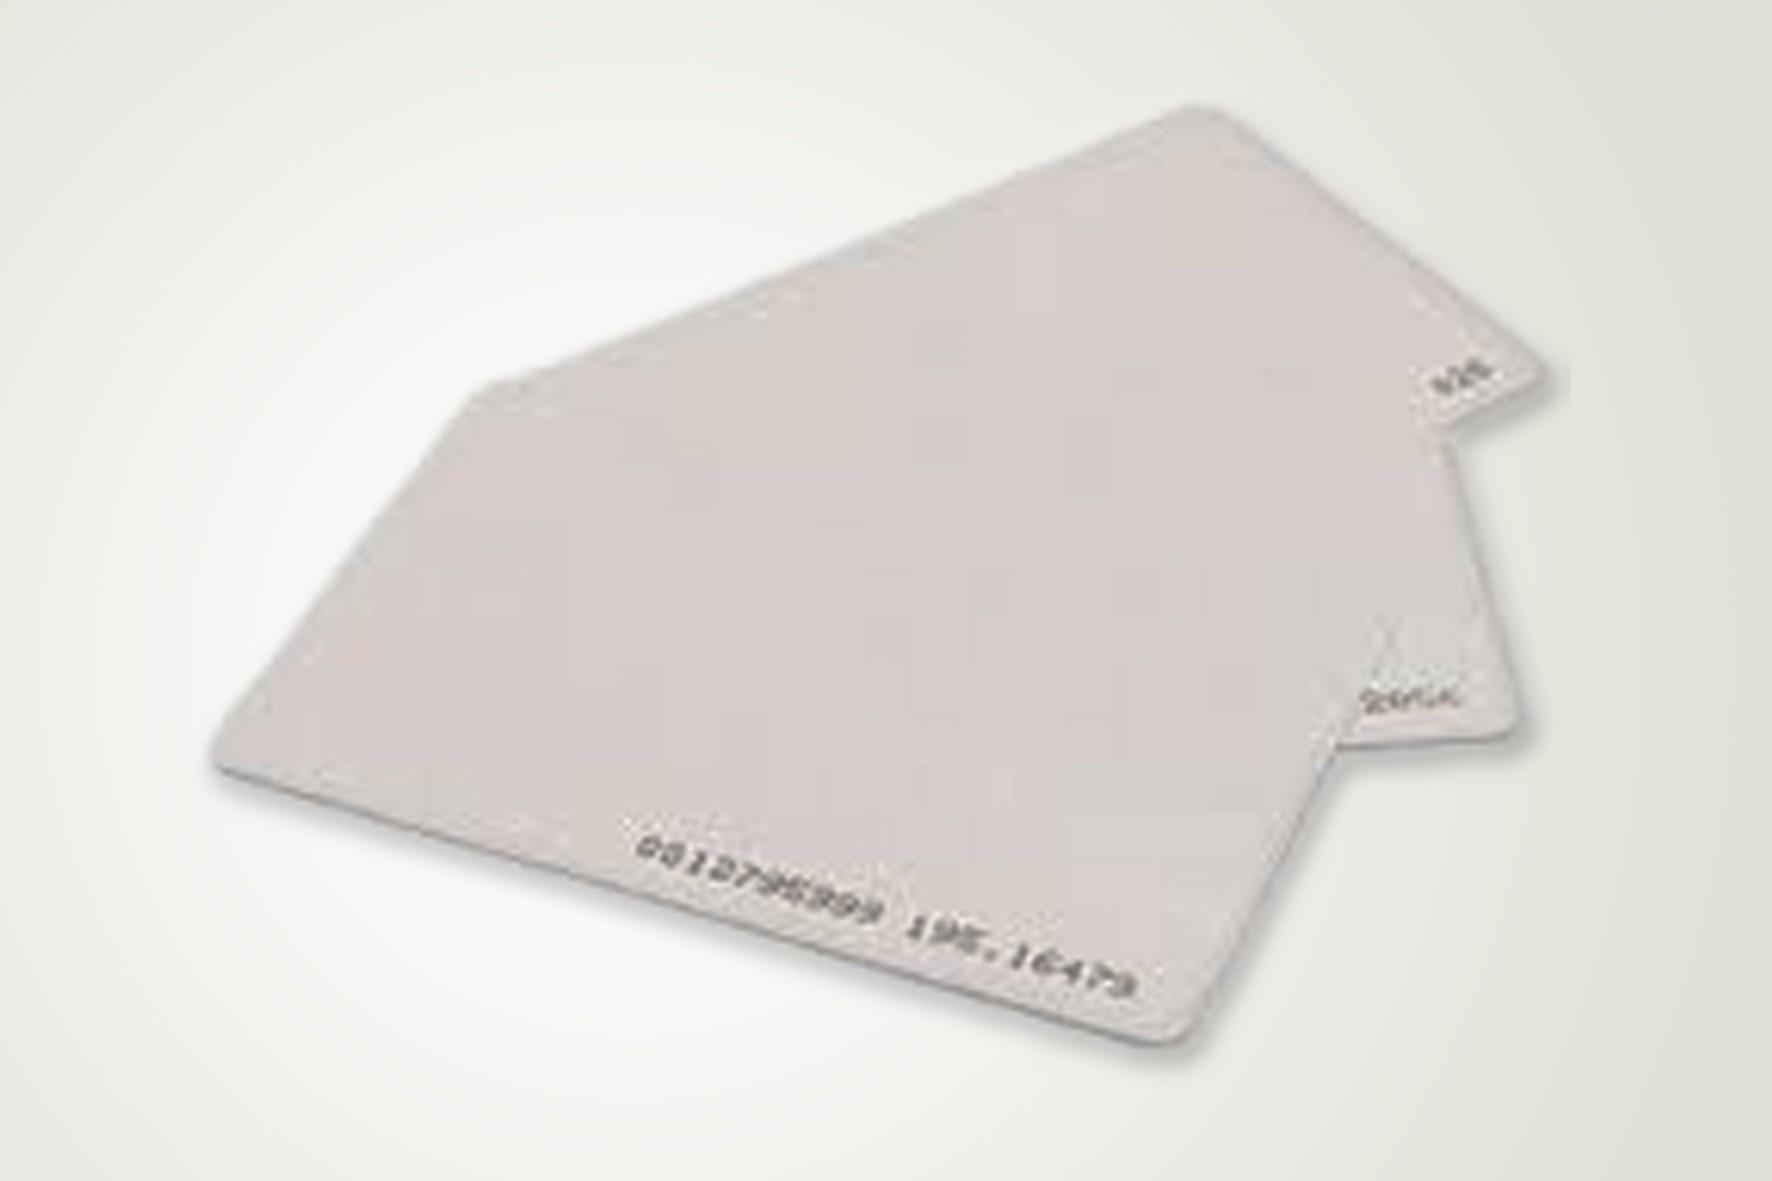 Cartão com Chip de Aproximidade na Vila Miriam - Confecção de Cartões SP